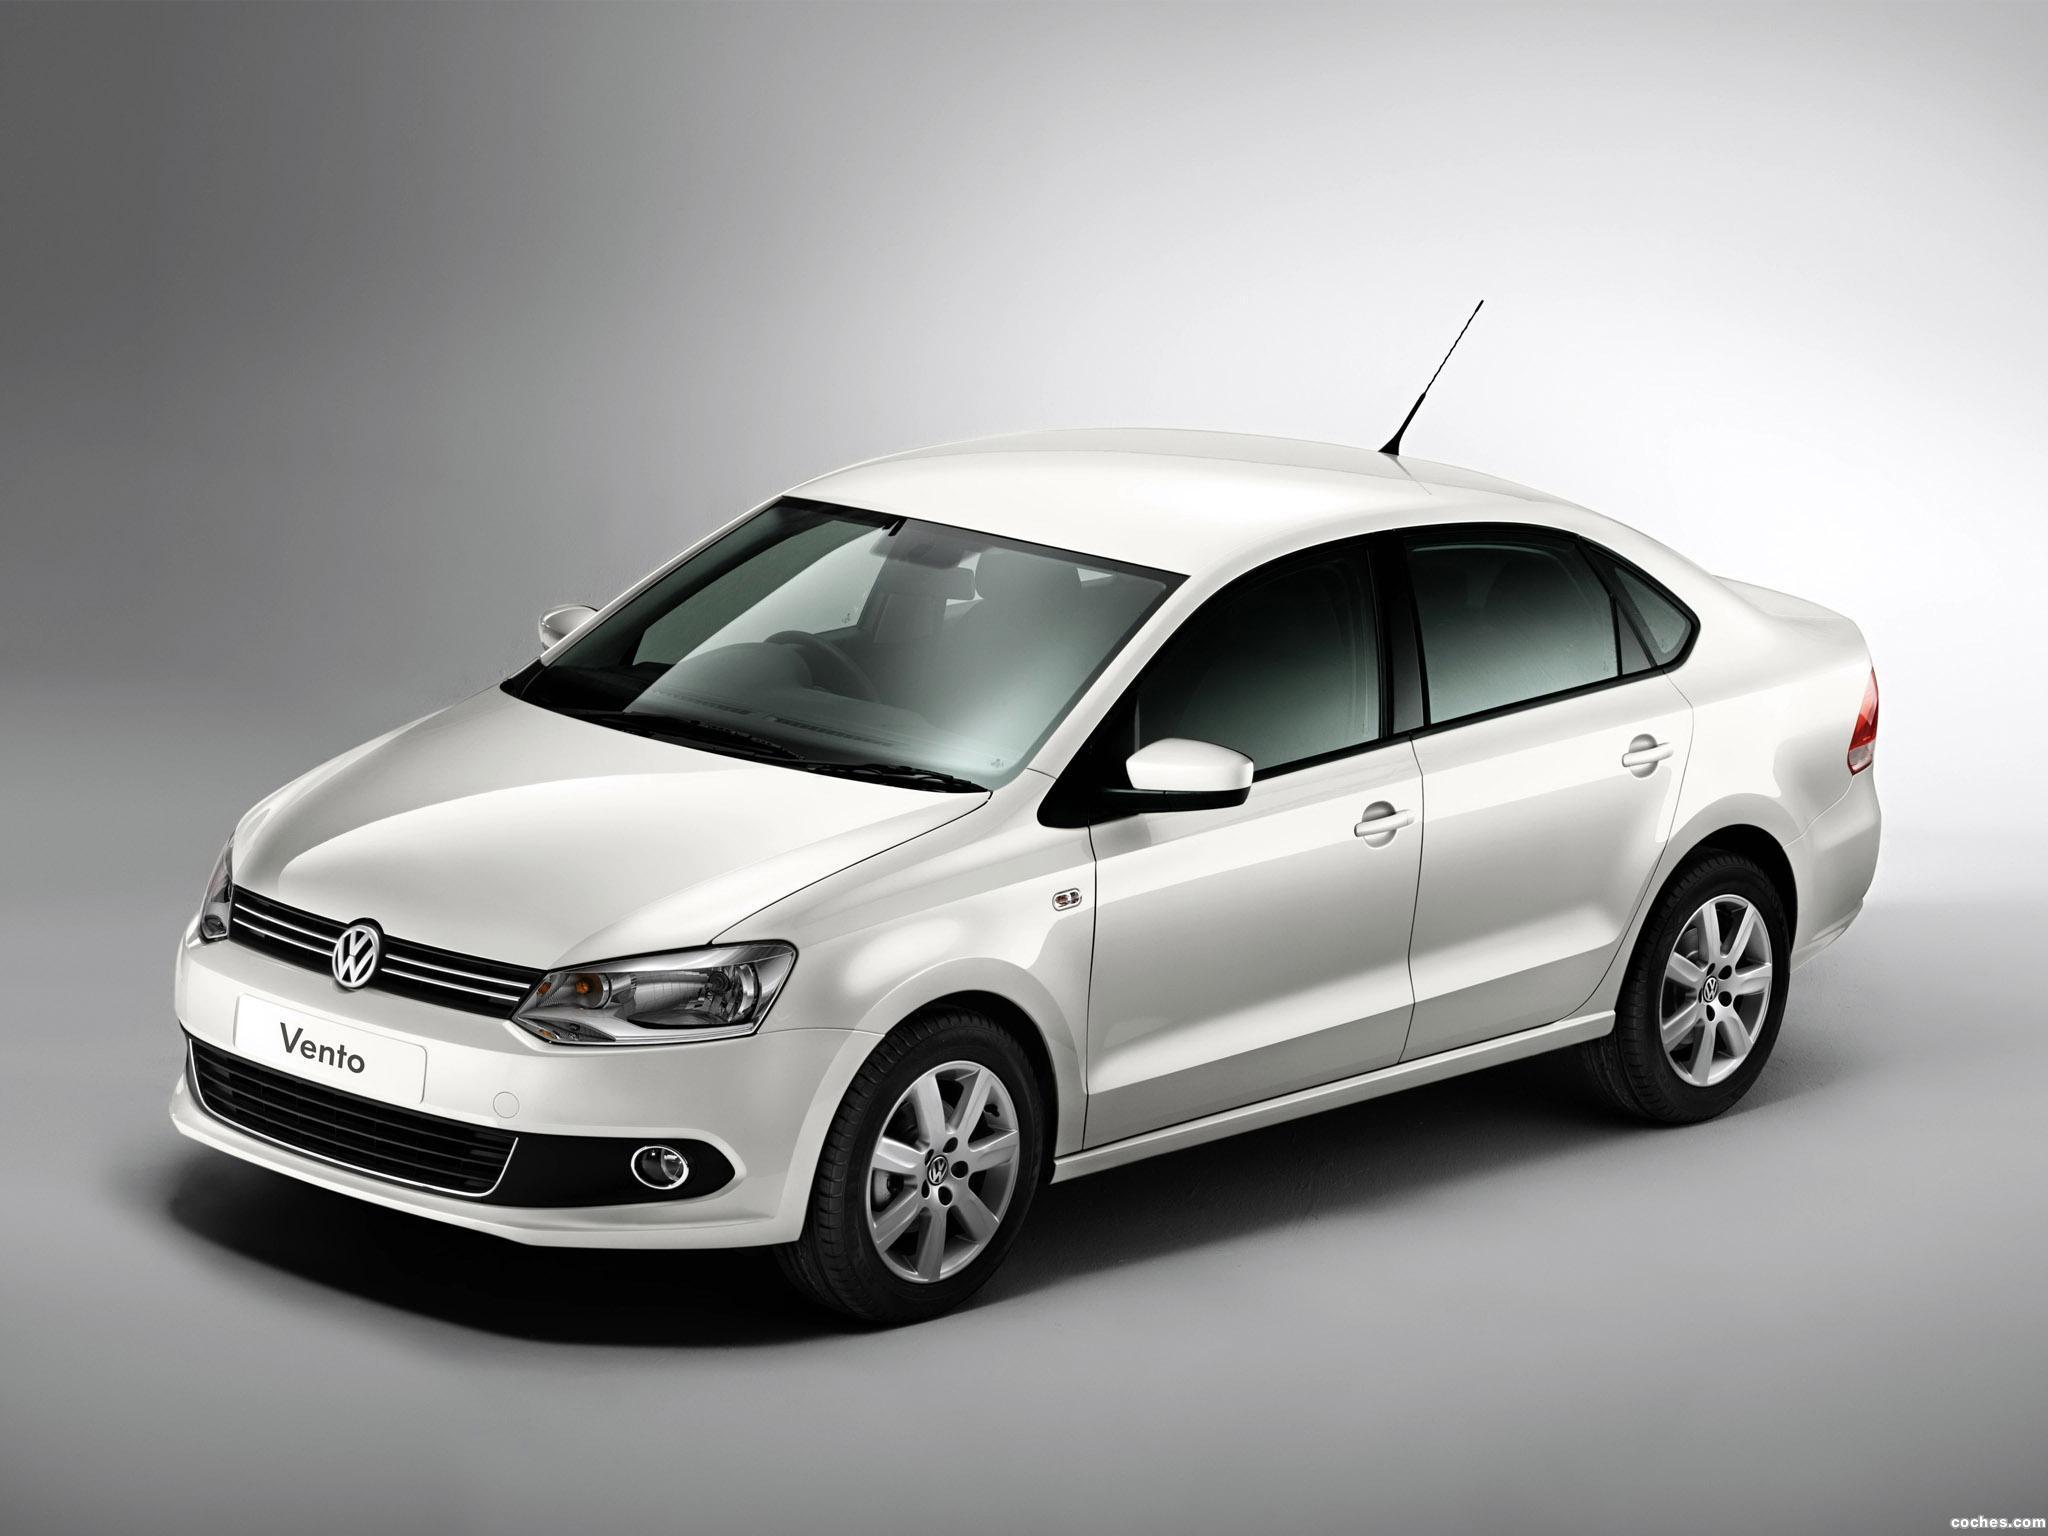 Fotos de Volkswagen Vento 2010   Foto 2